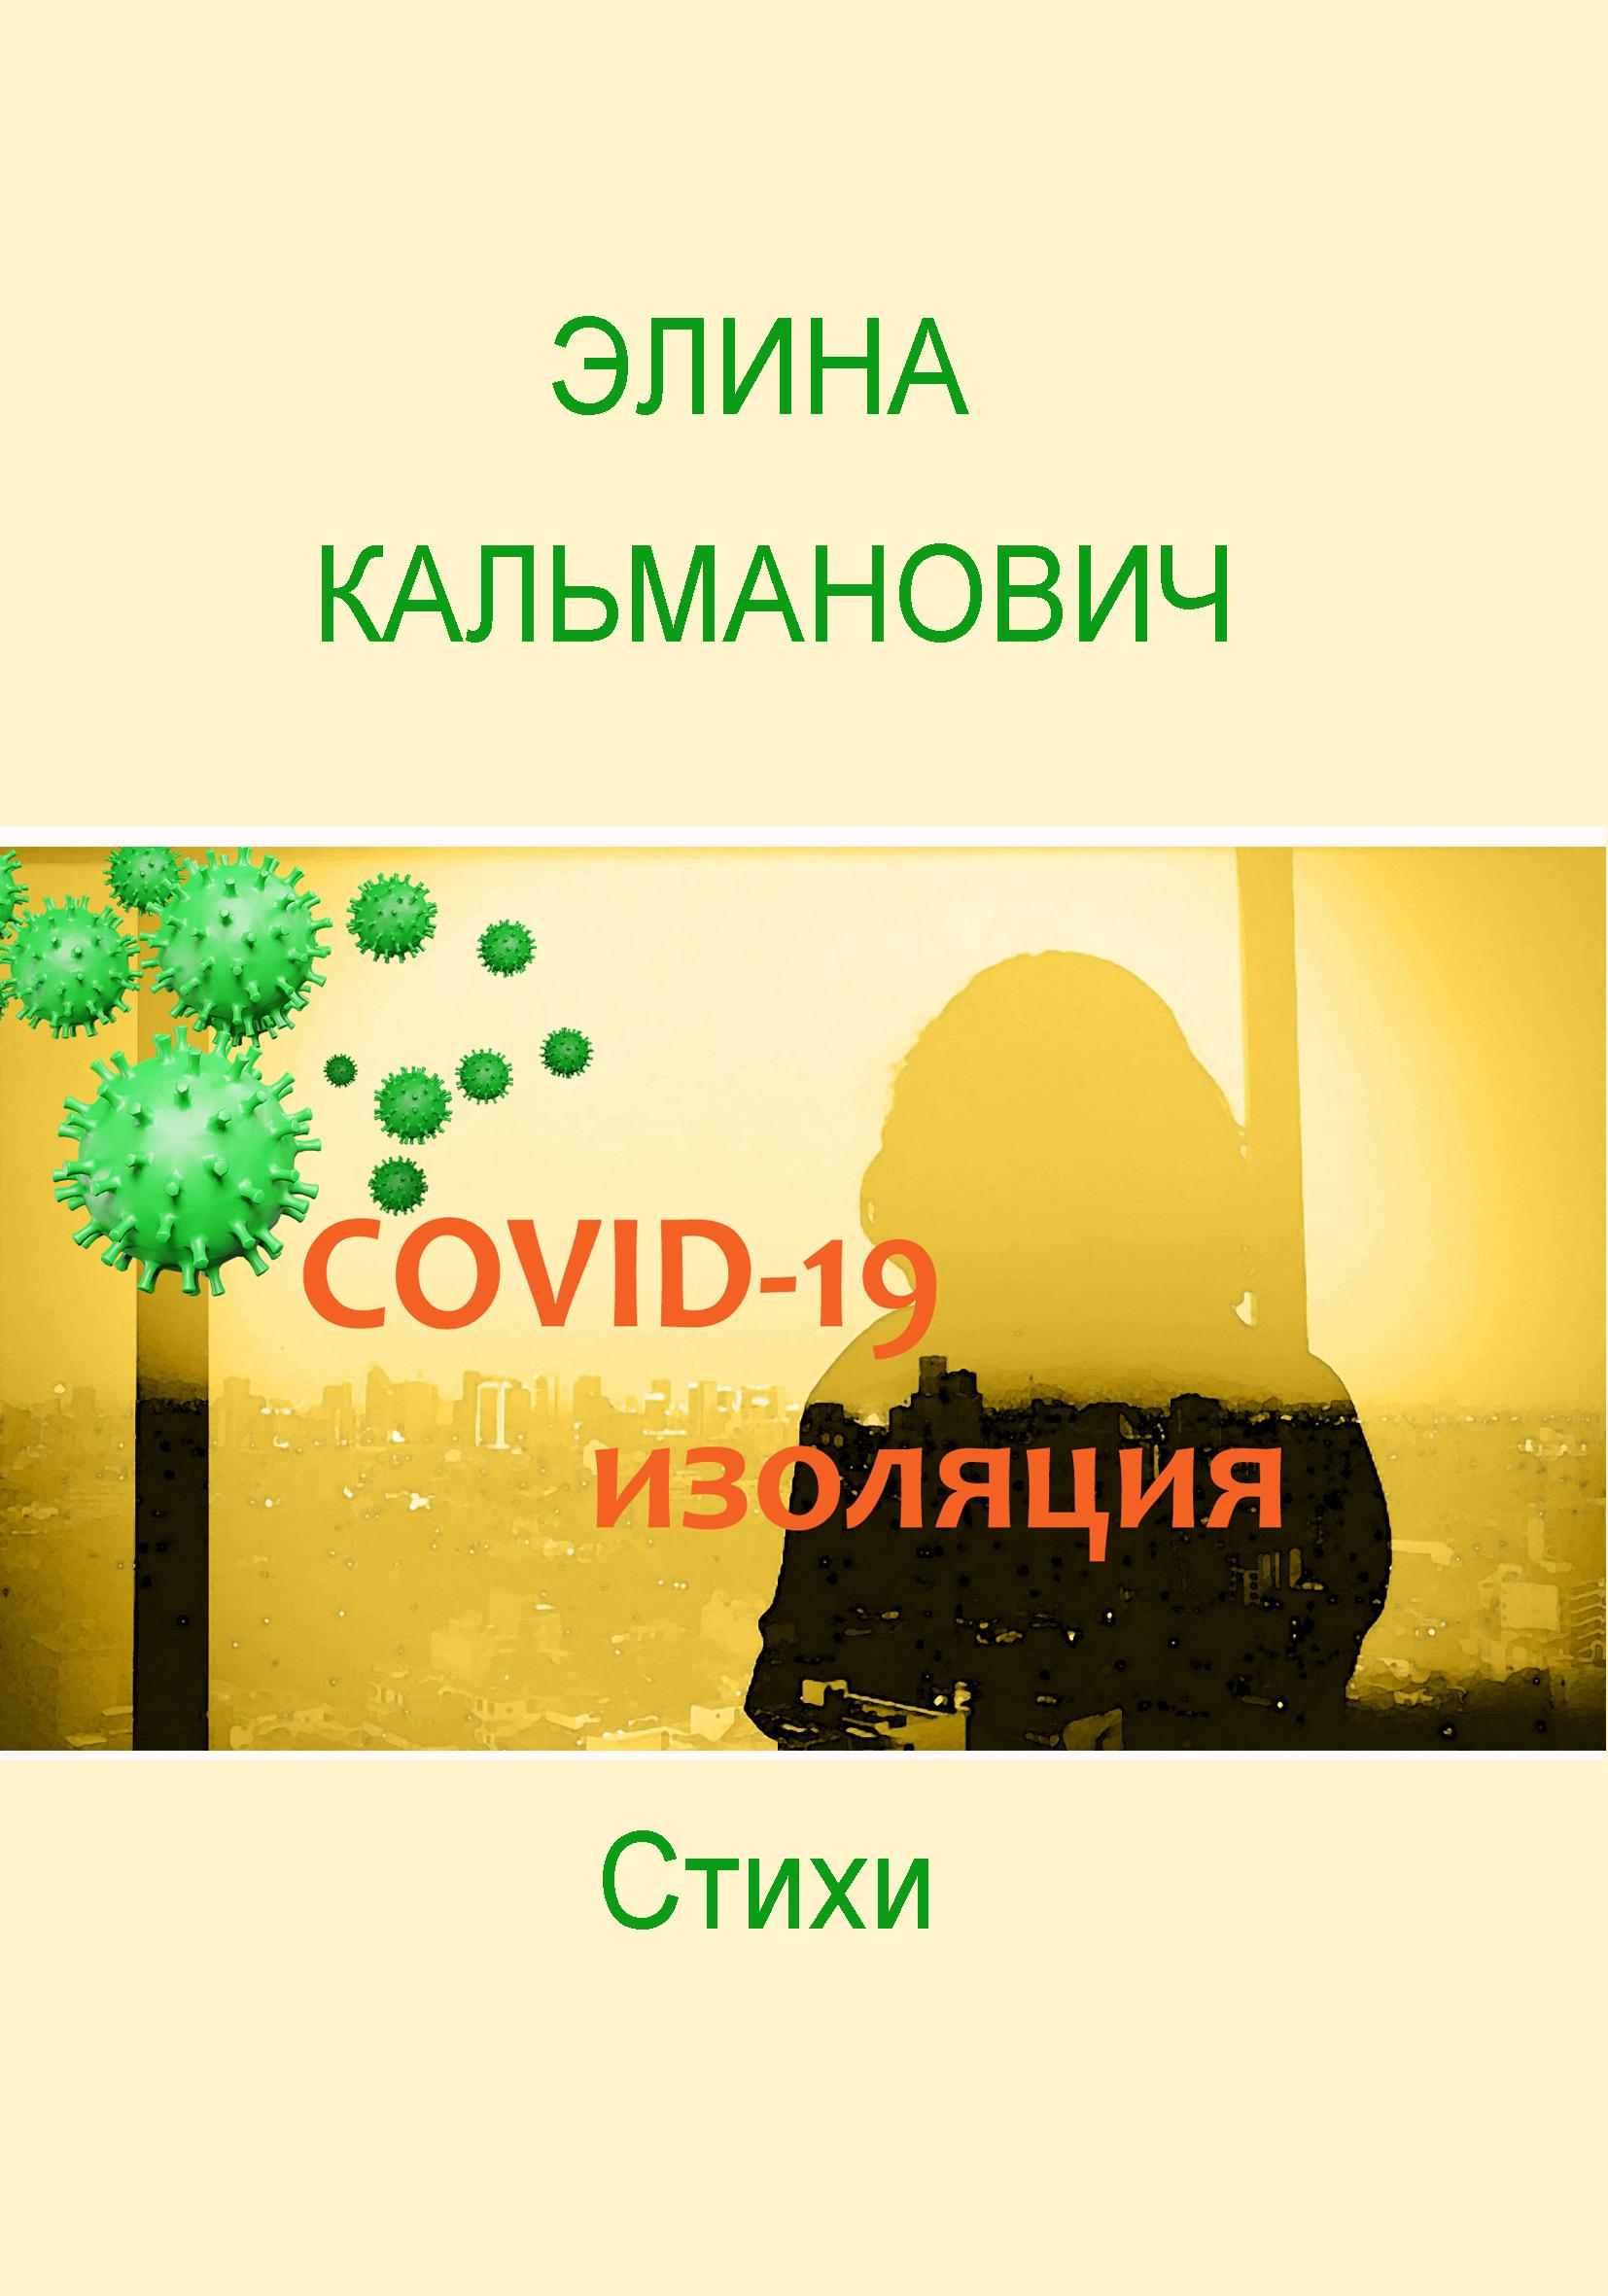 Covid-изоляция